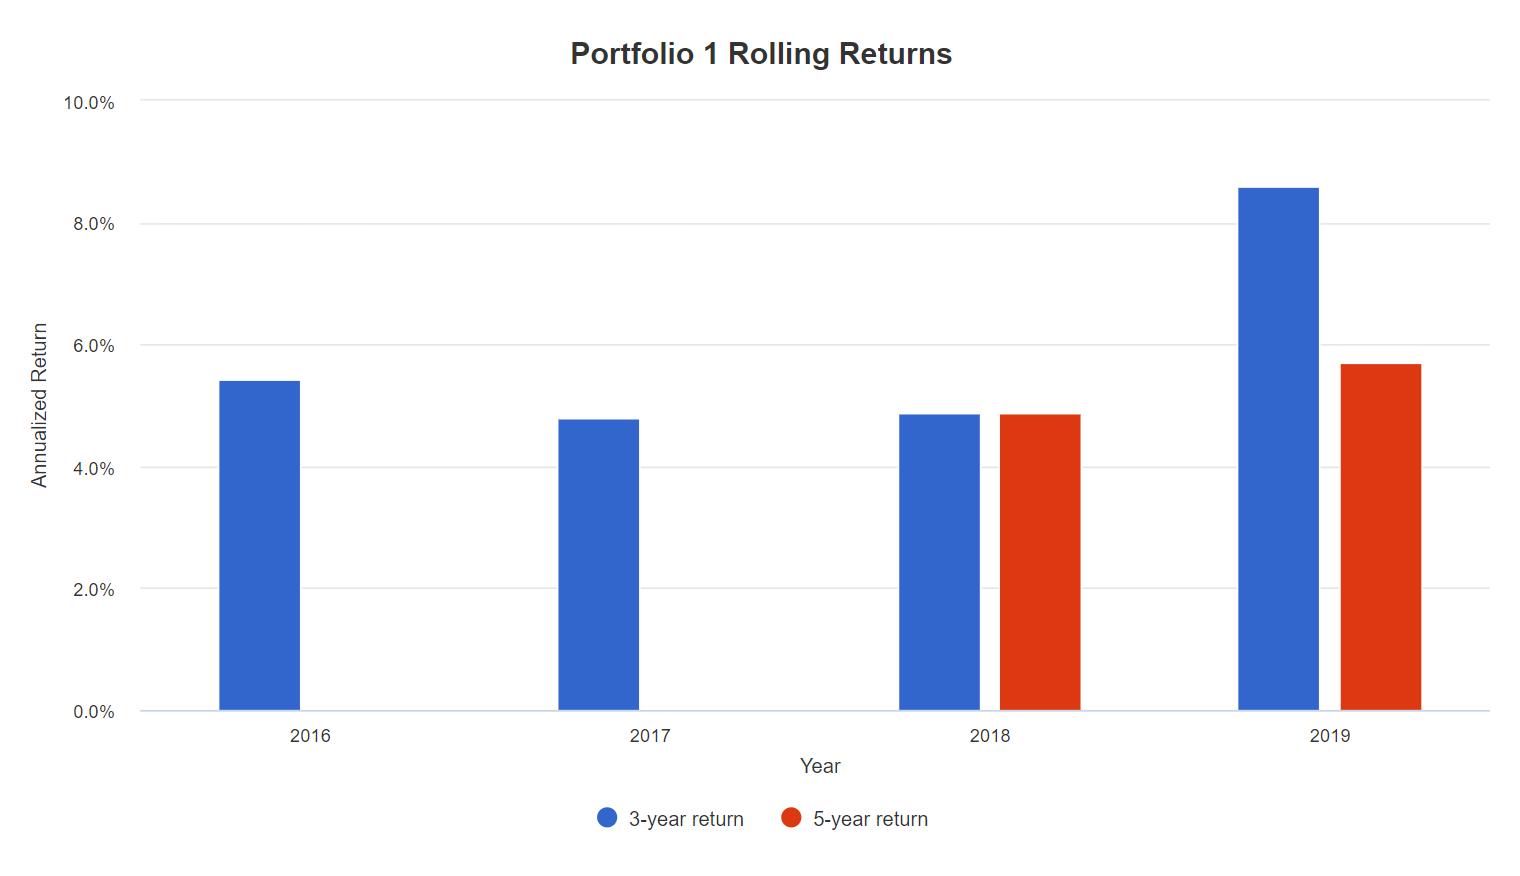 Вкладка Rolling Returns, скользящая доходность за3 и5лет